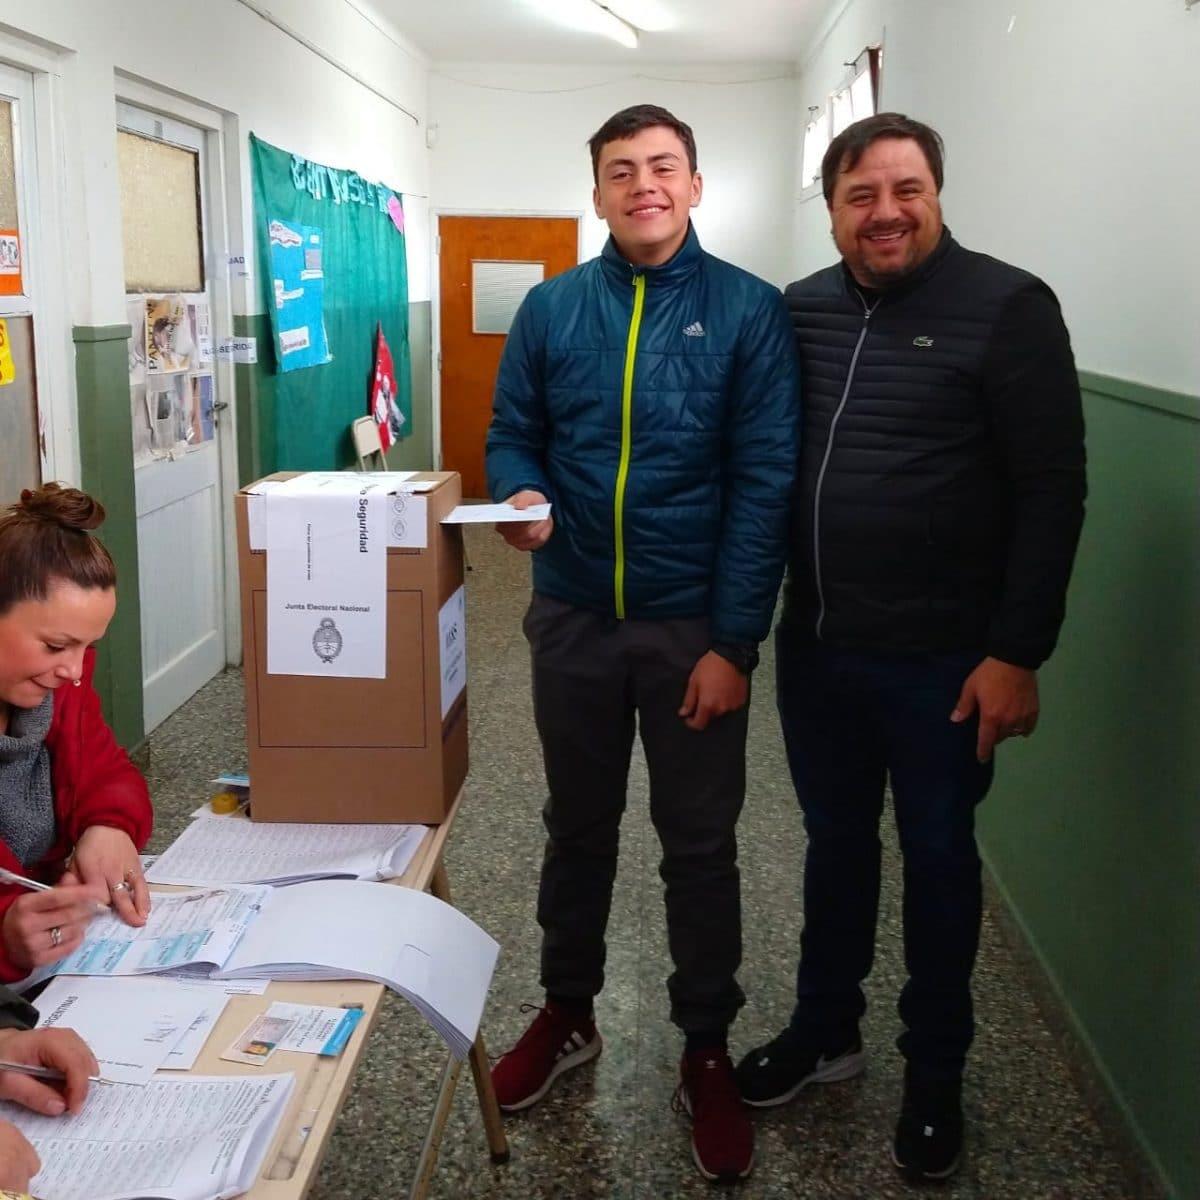 Iriart acompañó a su hijo a votar por primera vez